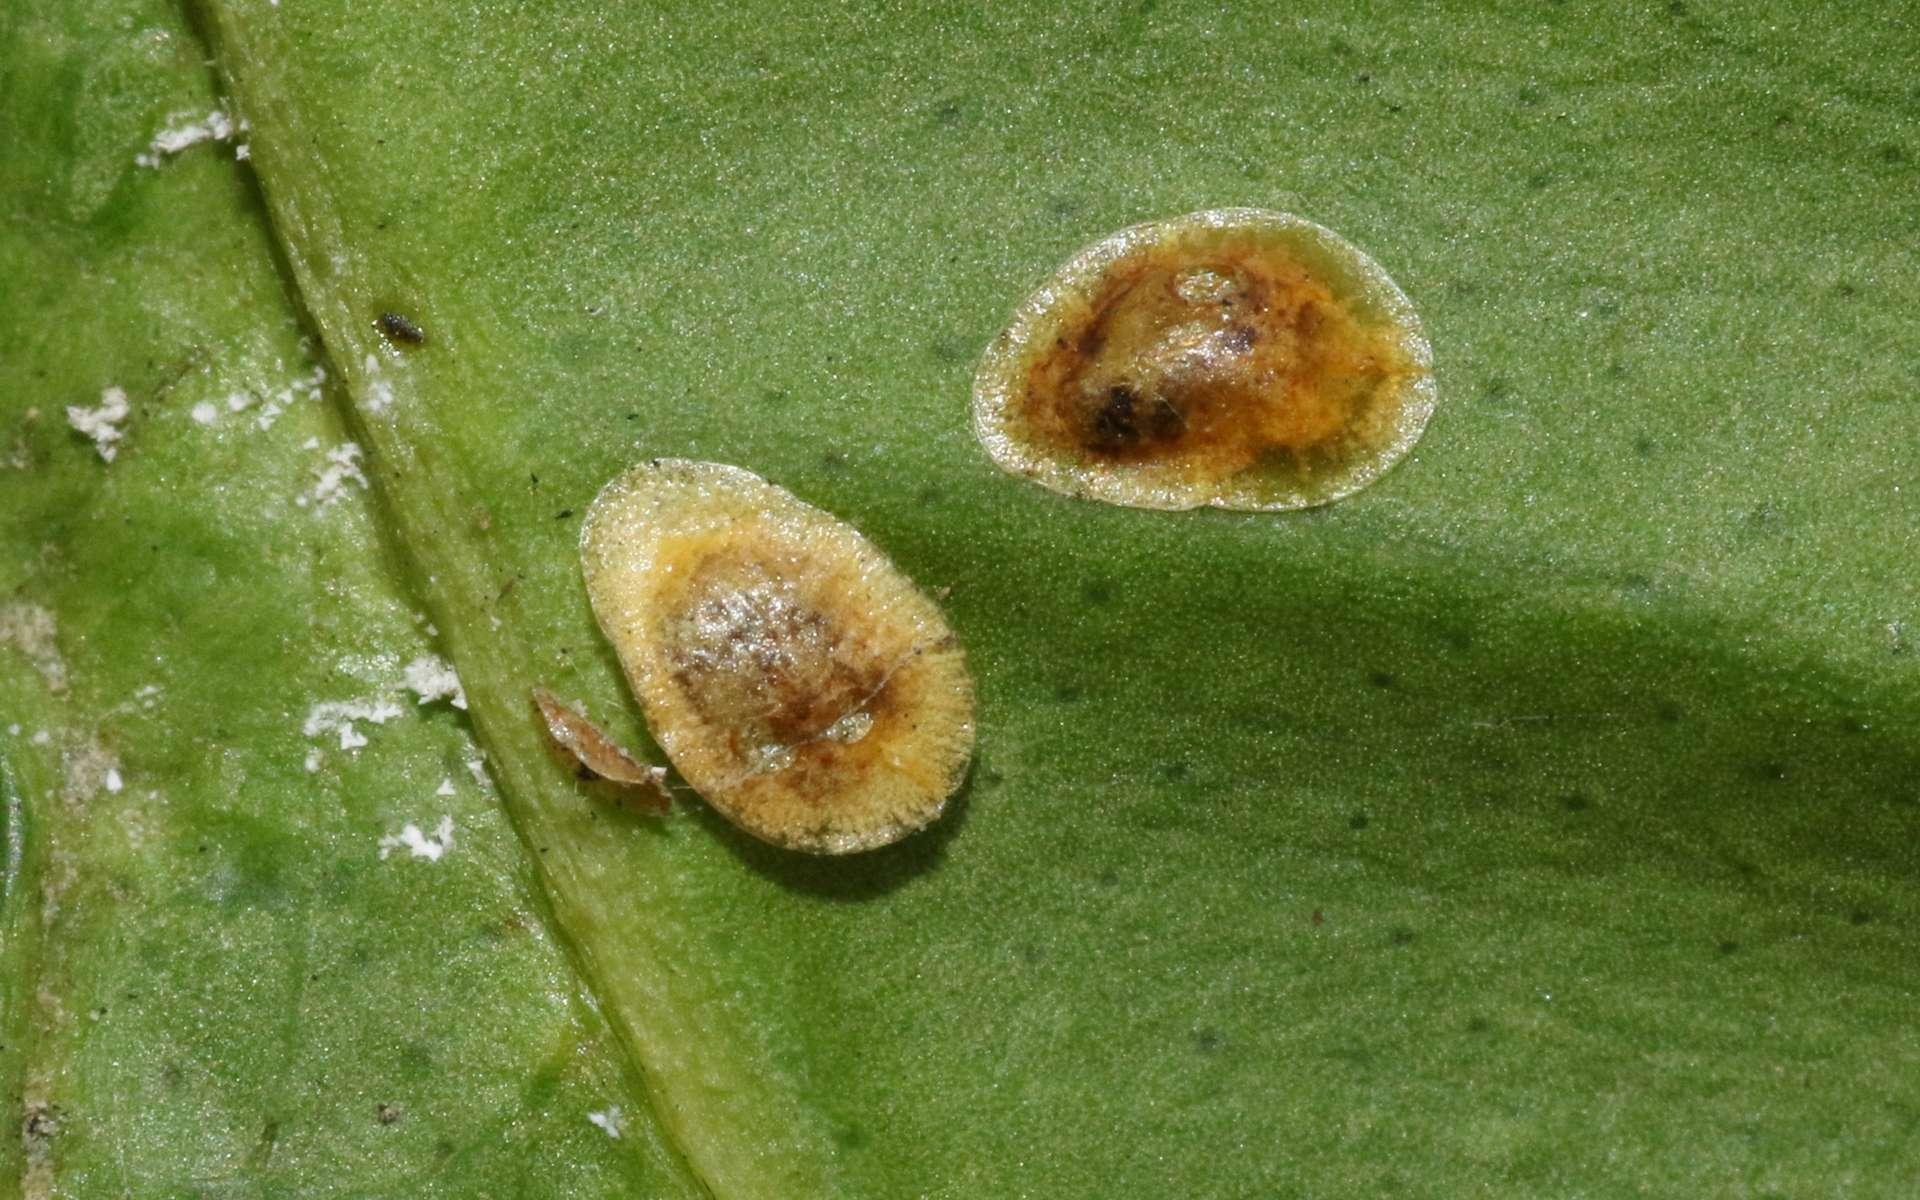 Le pou des Hespérides (Coccus hesperidum), une espèce de cochenille nuisible. © silversea_starsong, iNaturalist